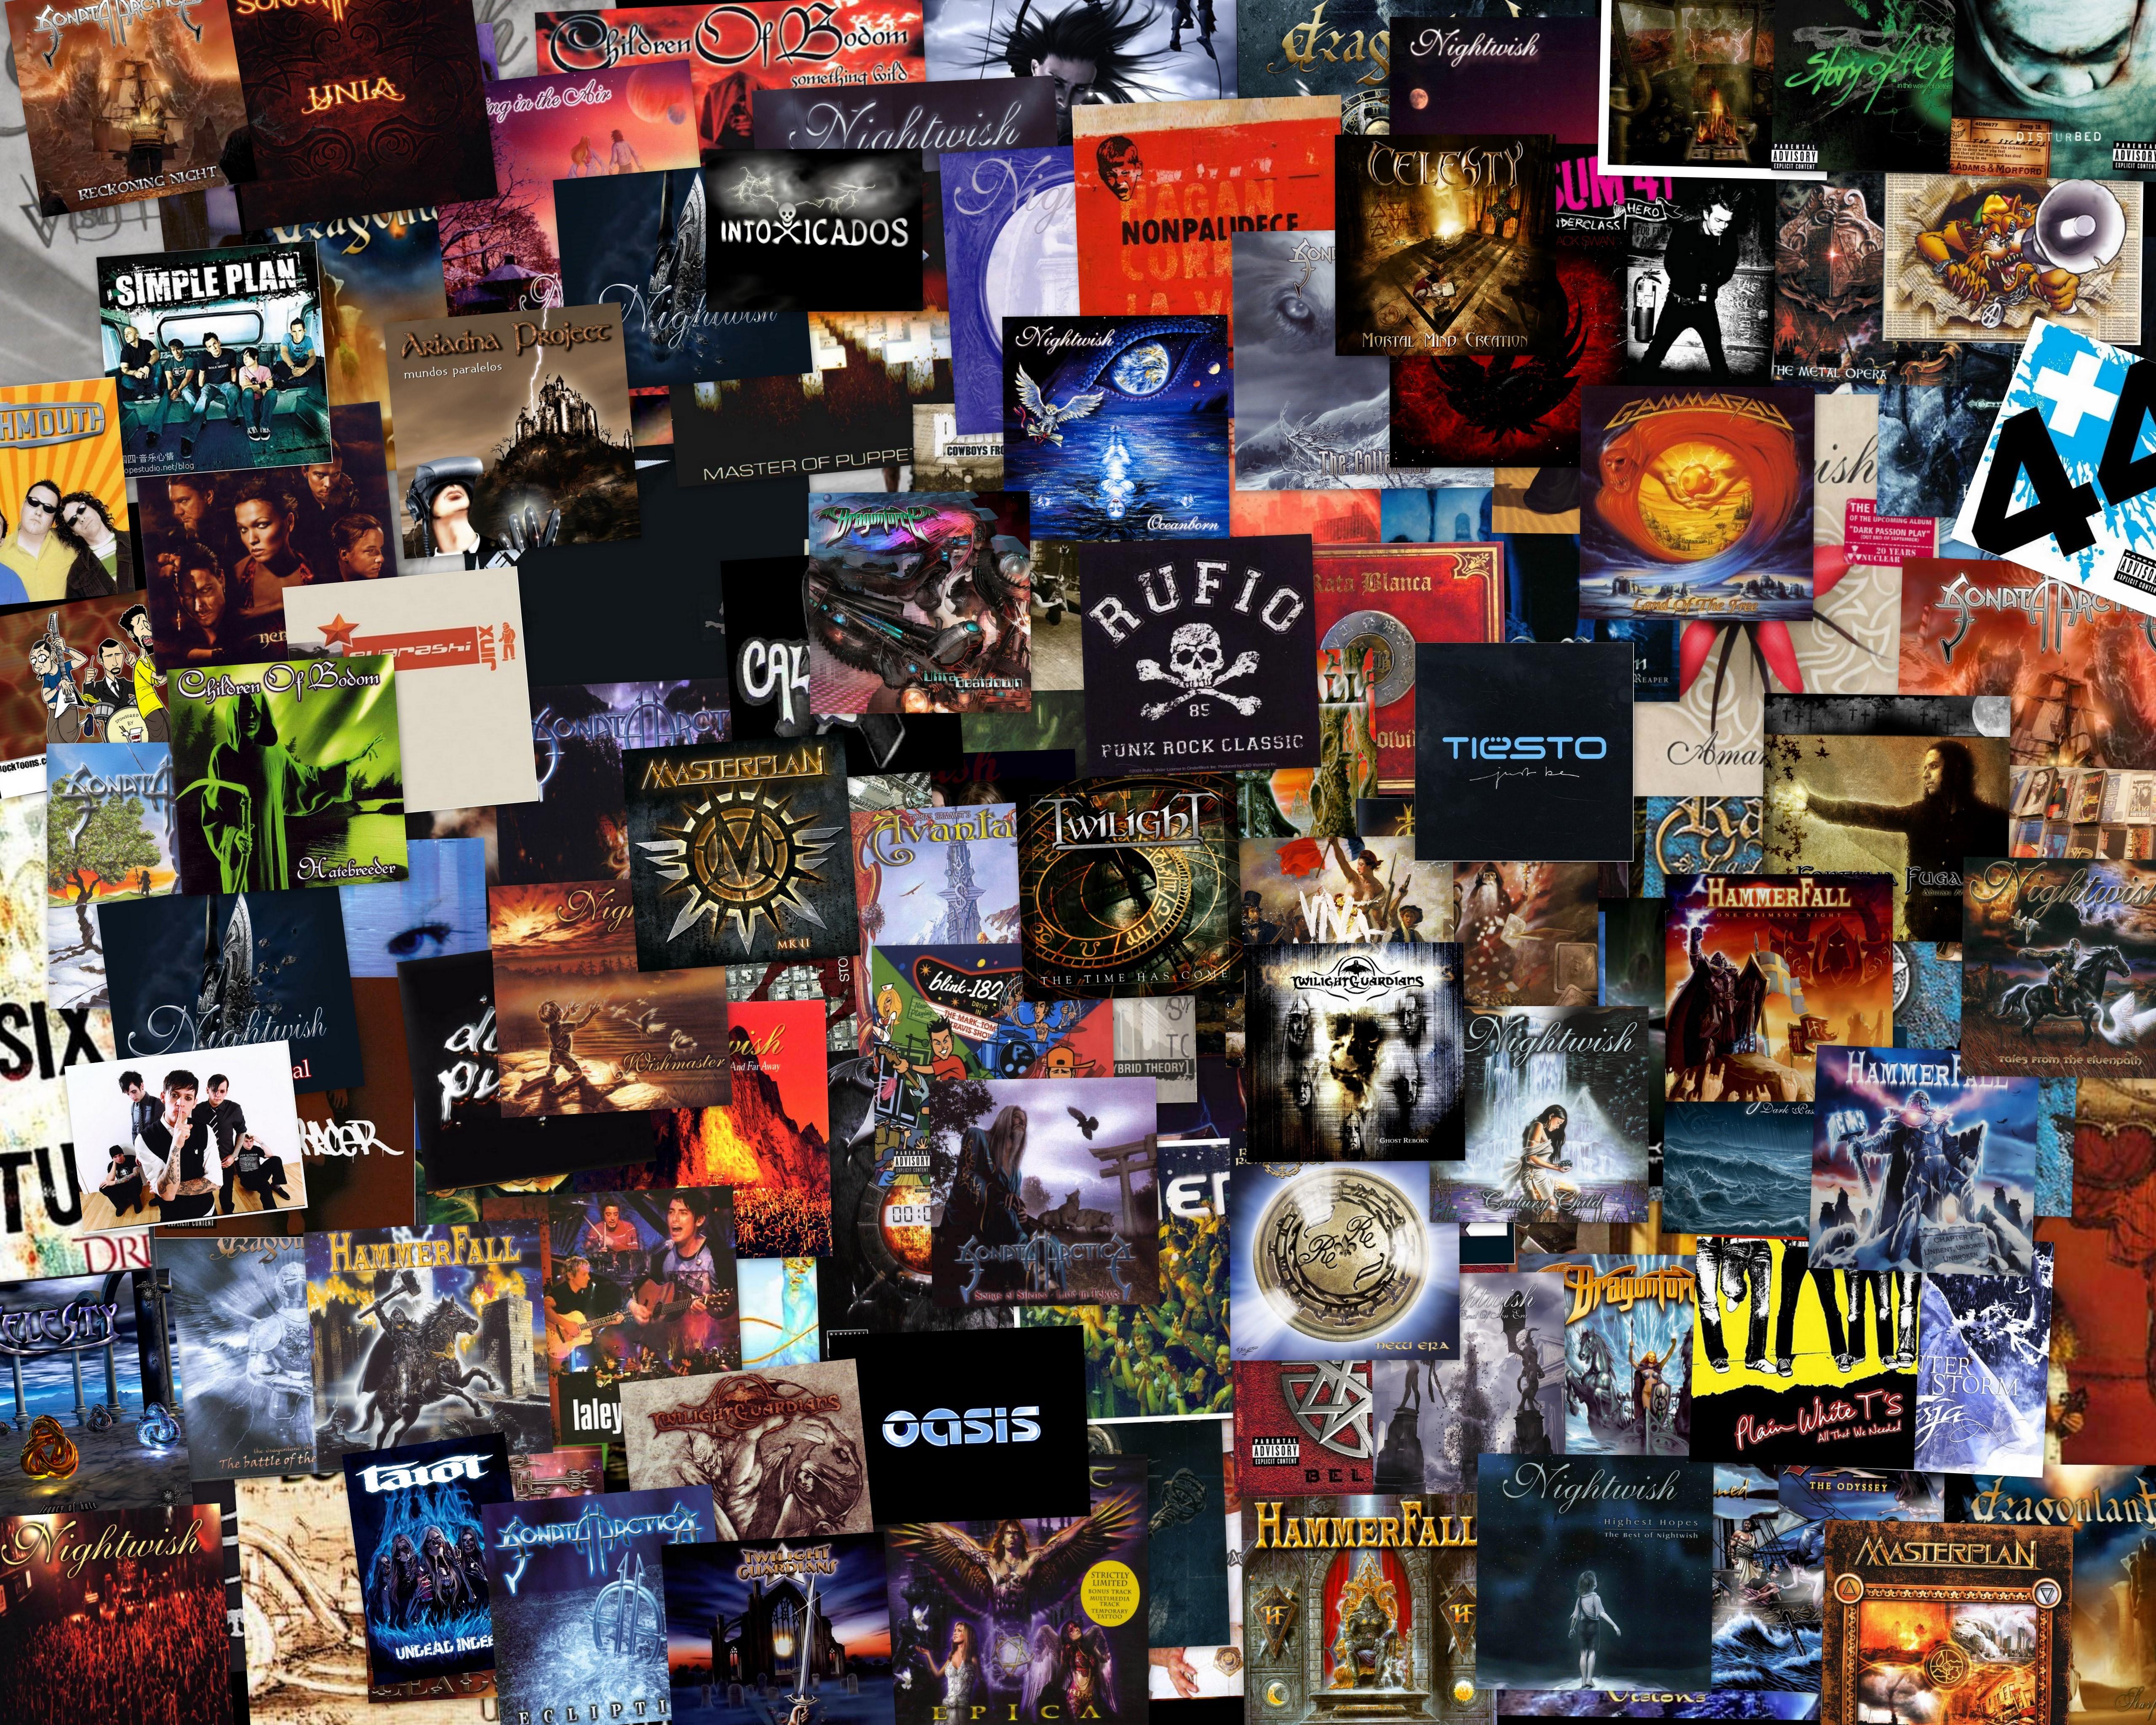 Pink Floyd Album Covers Wallpaper - WallpaperSafari